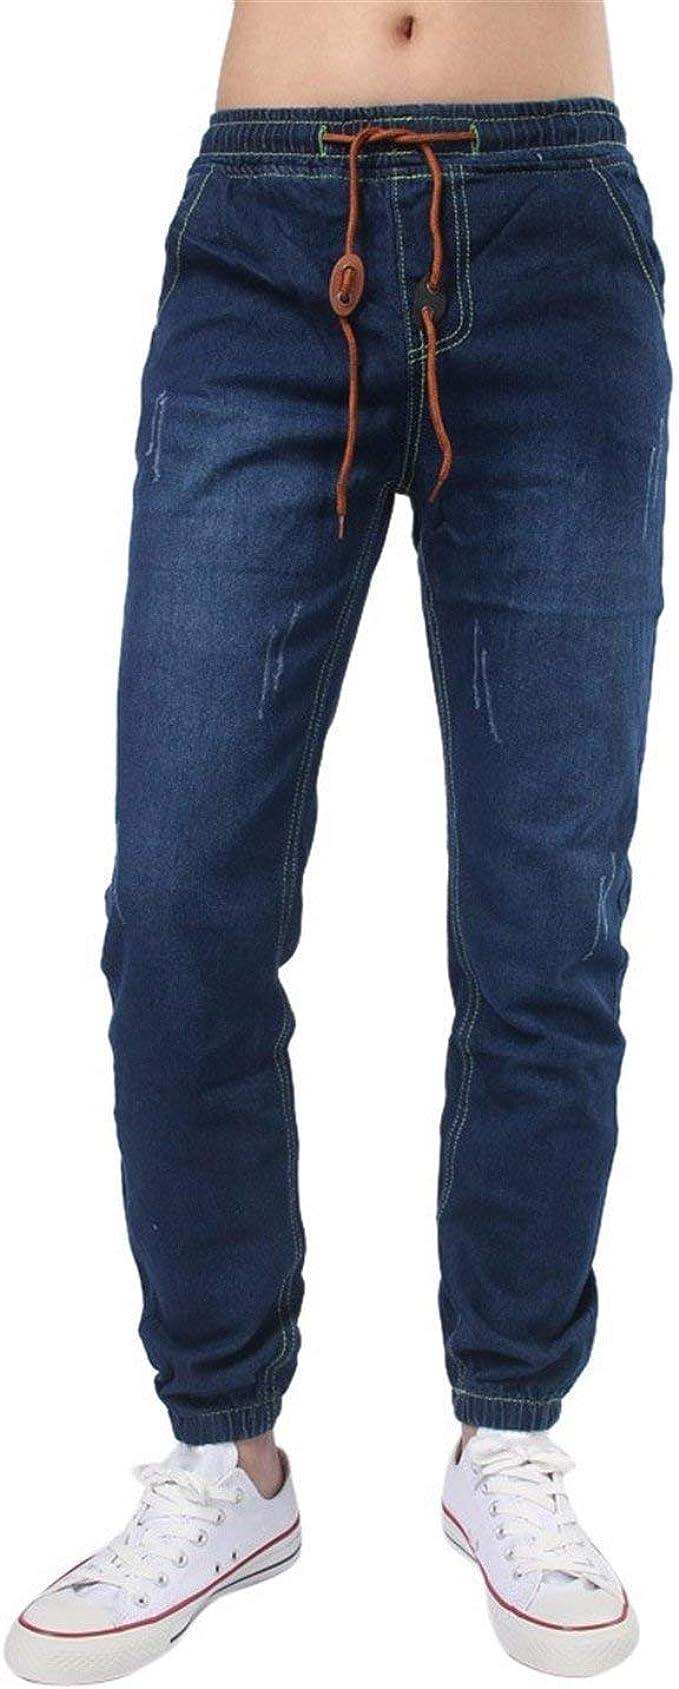 cooperare Ricreazione cristallo  Jeans da Uomo Polsini E Coulisse con Stretta Vintage Comfy Denim Mode di  Marca Pant Autunno Inverno Moda Casual Jeans Pantaloni Pantaloni Lunghi:  Amazon.it: Abbigliamento